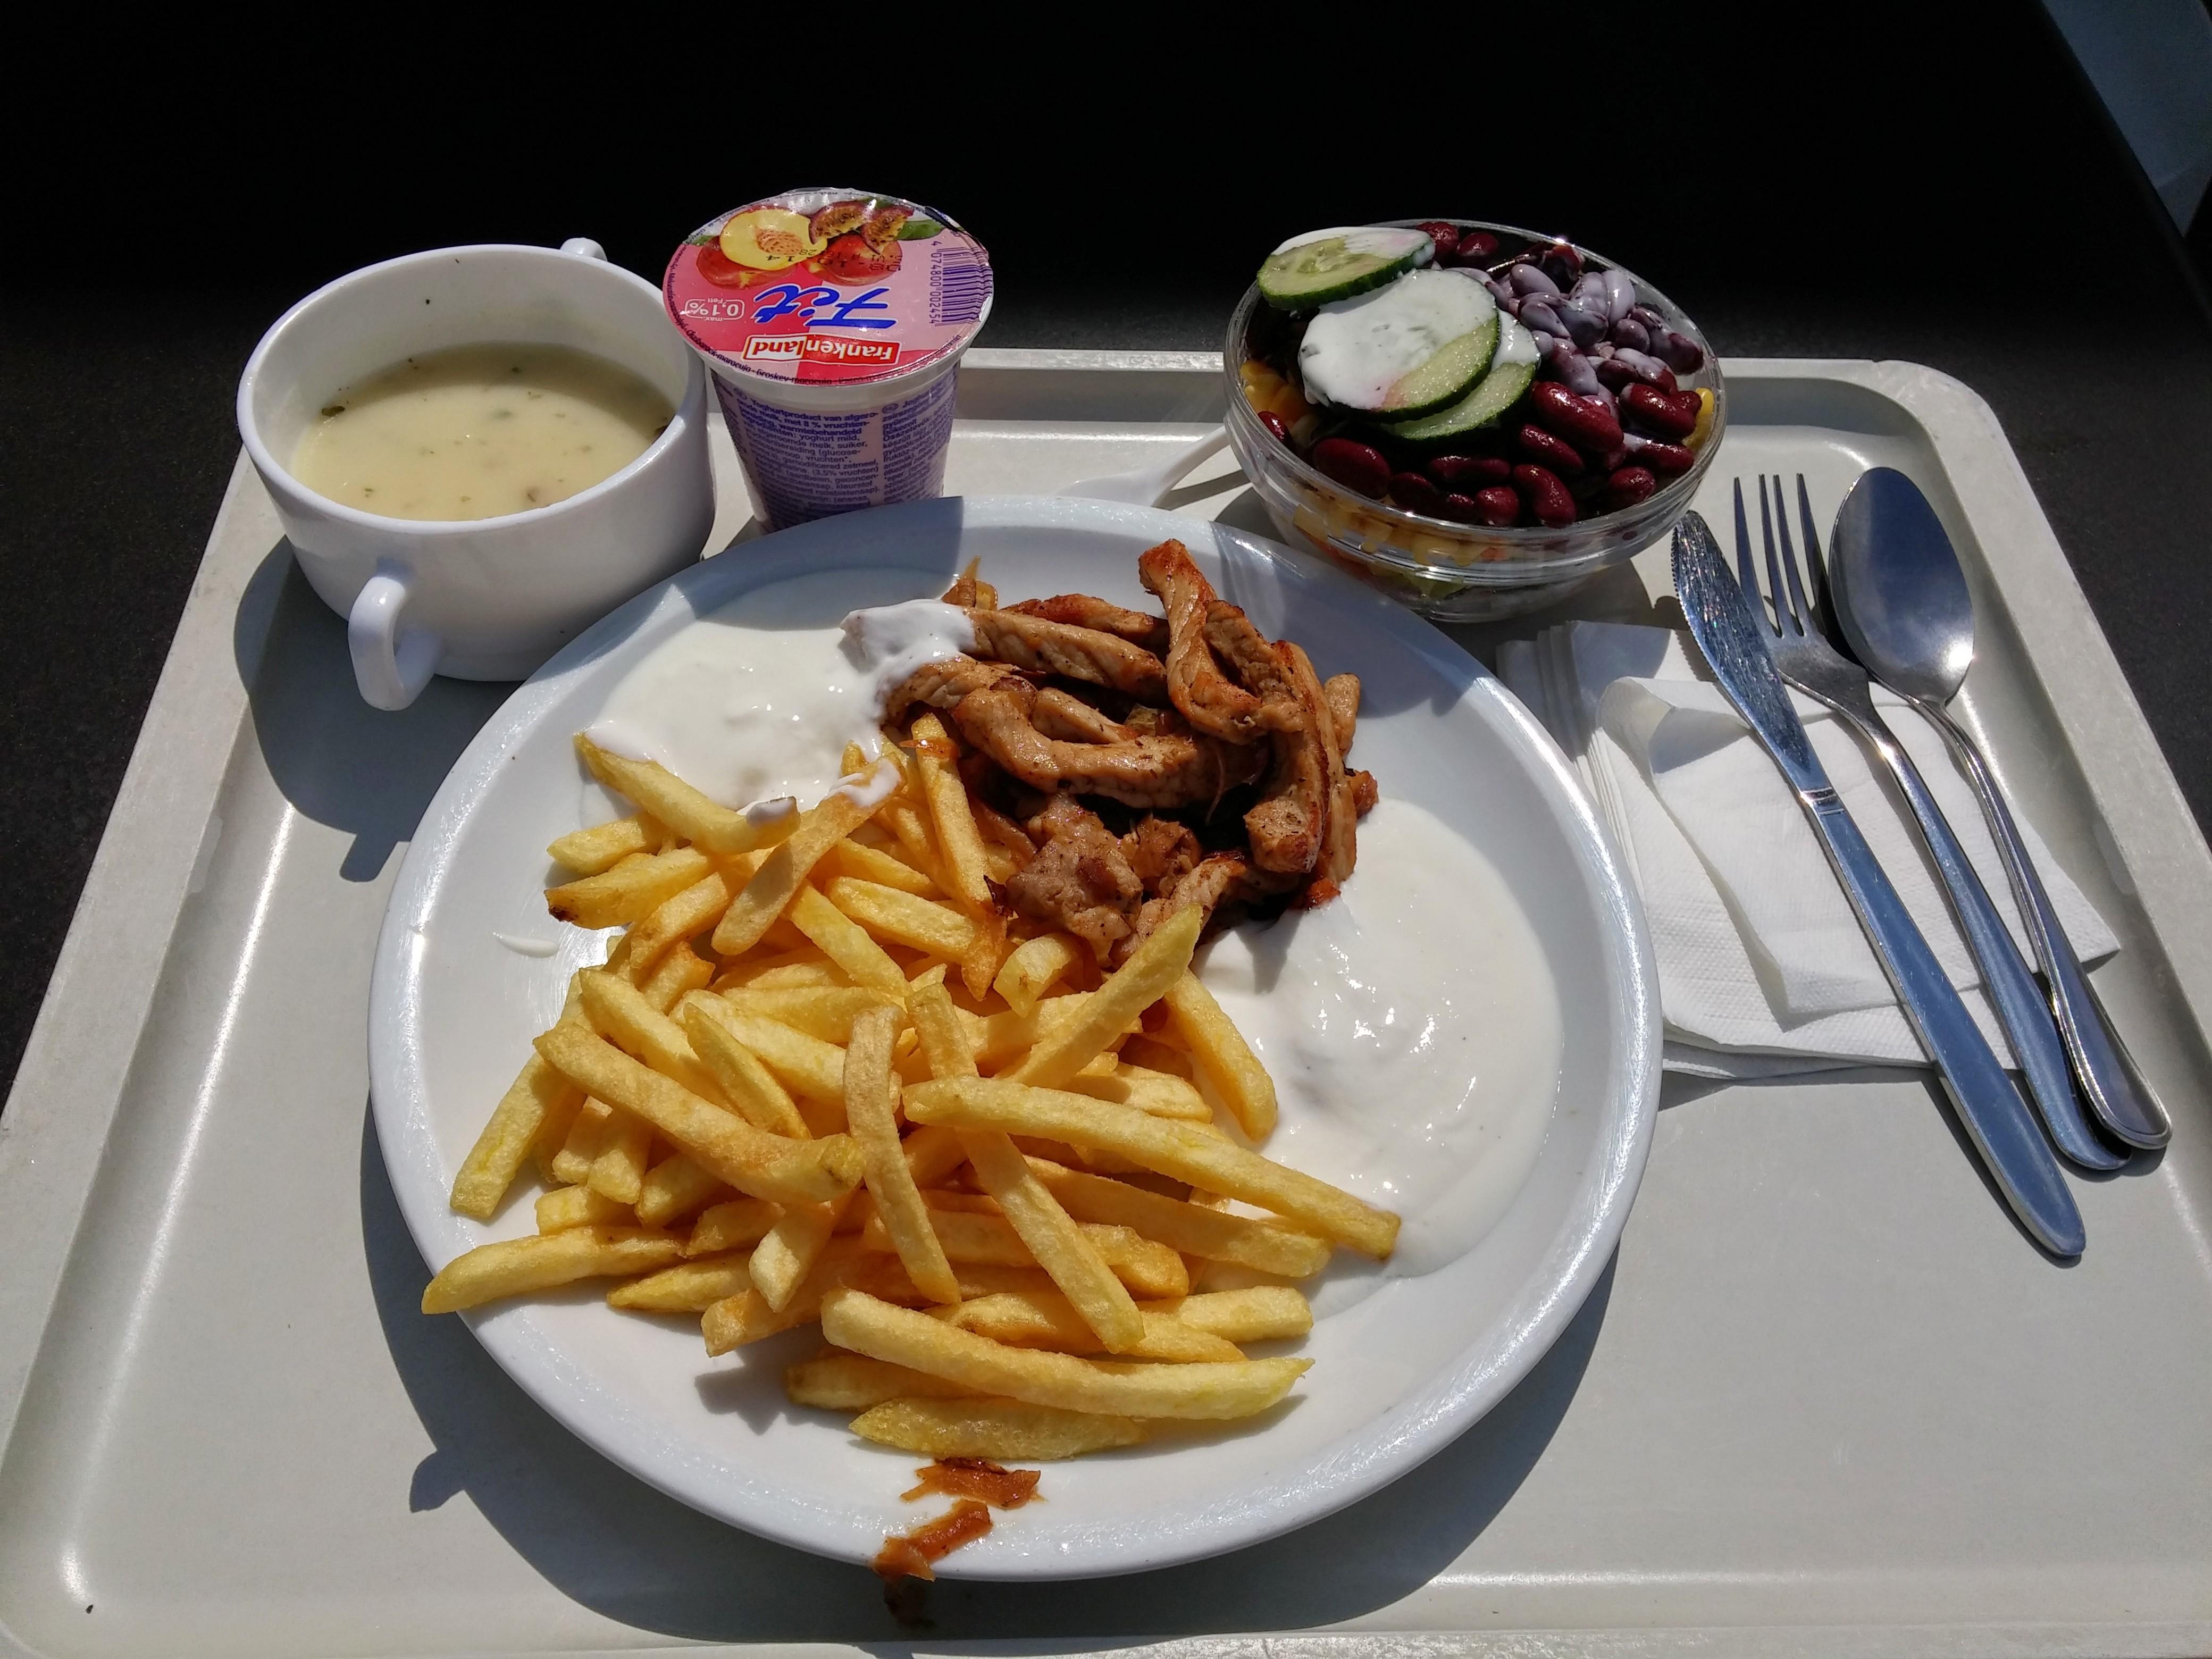 https://foodloader.net/nico_2014-08-07_gyros-mit-pommes-tzatziki-suppe-salat-und-joghurt.jpg